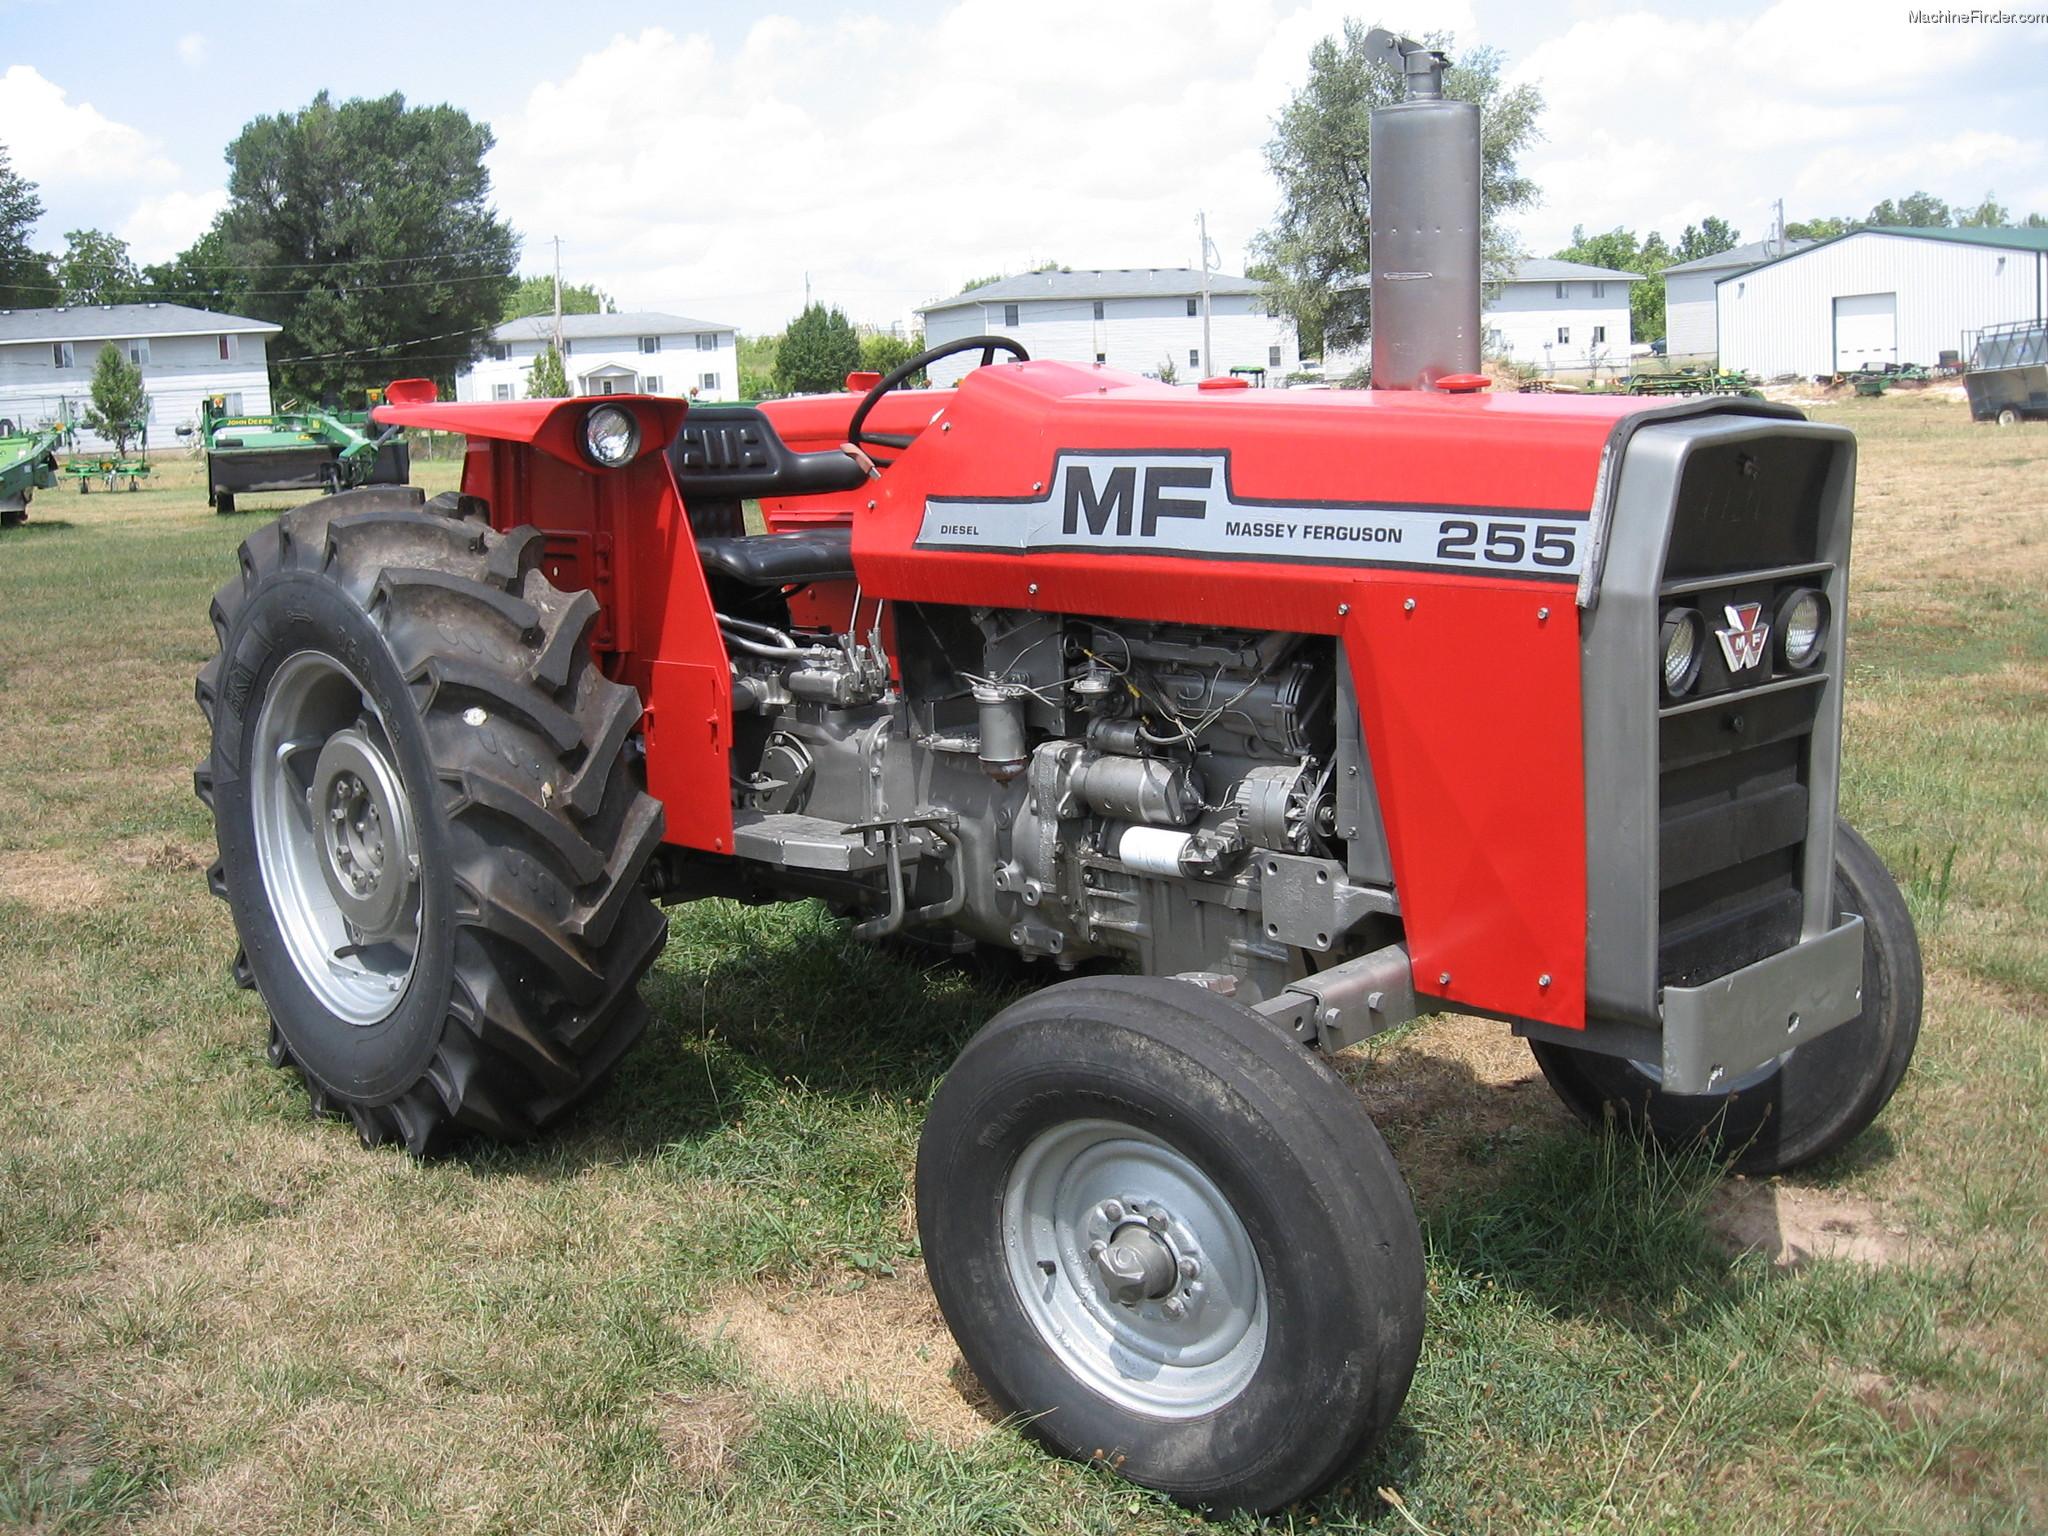 Kabiny Mf 255